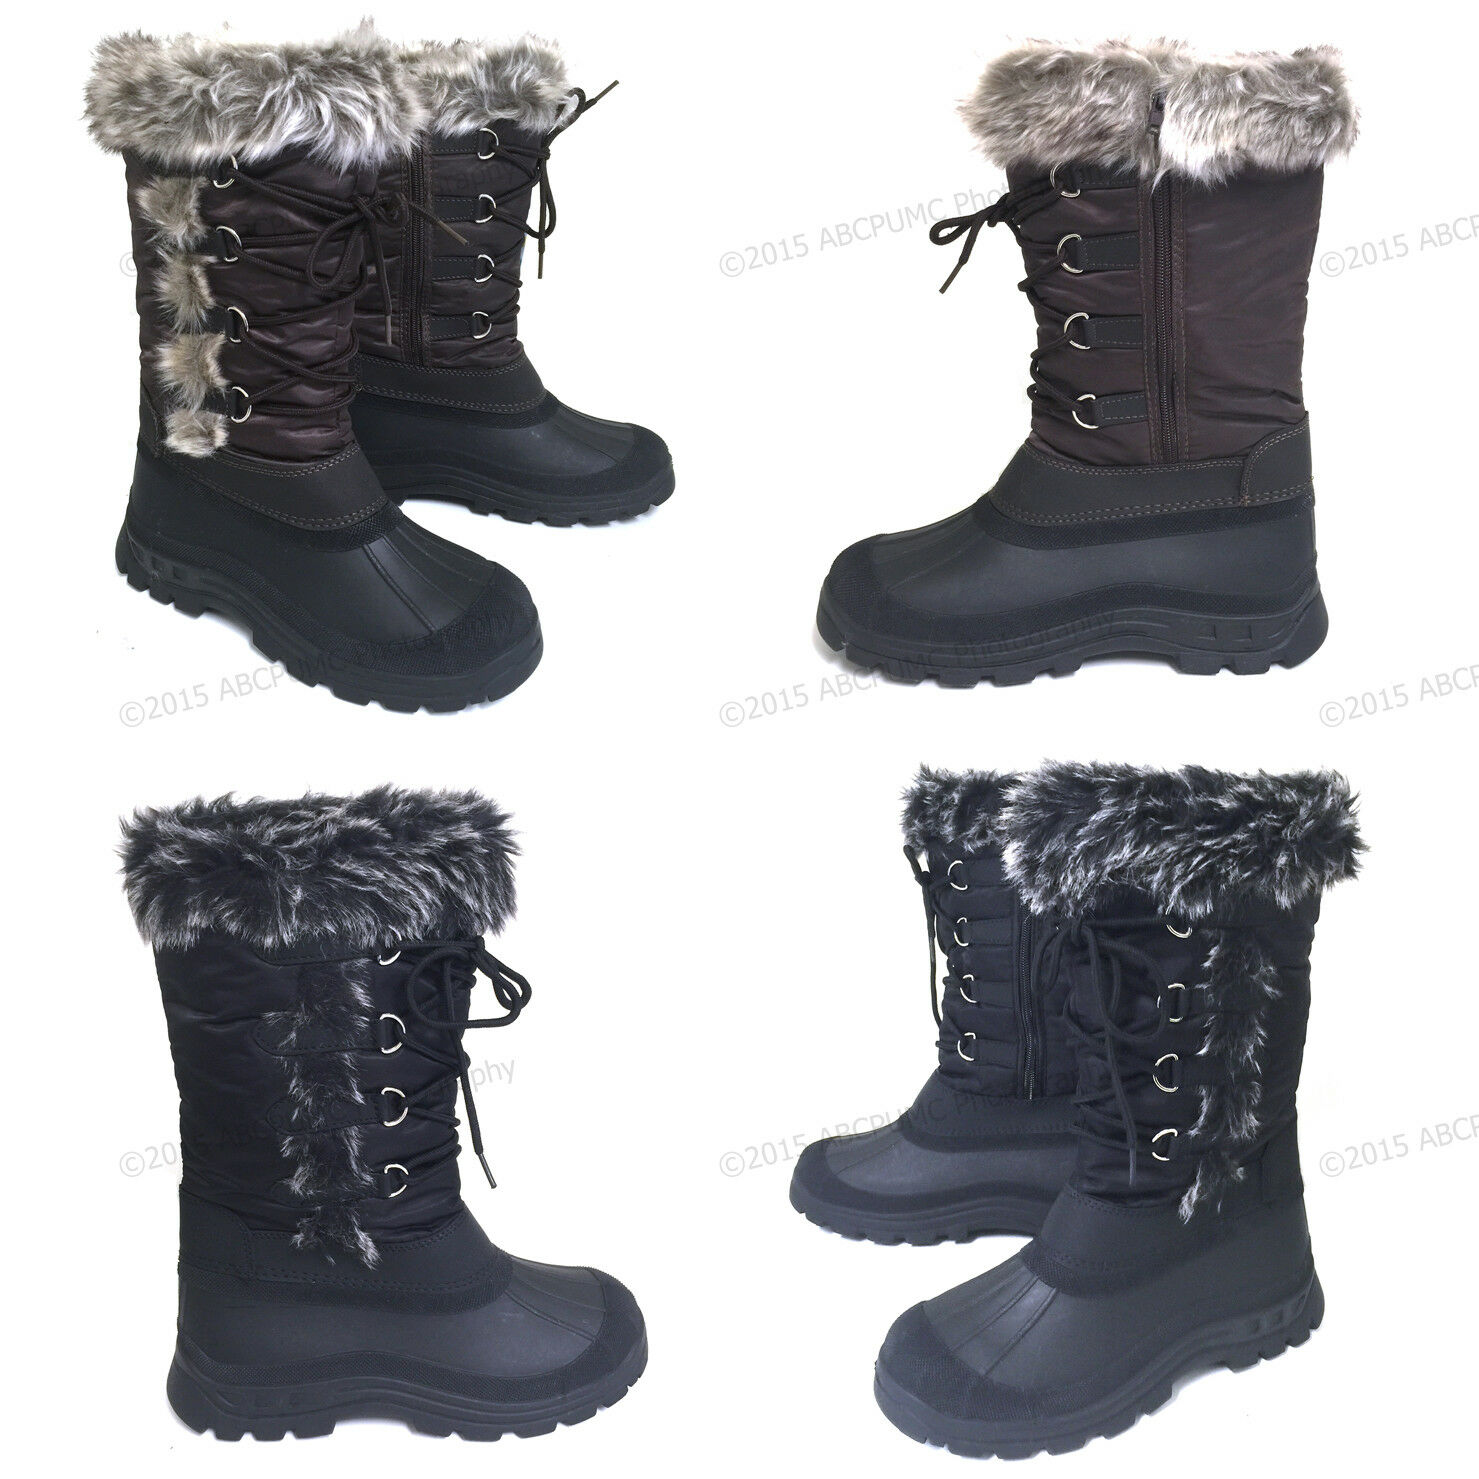 Womens' Winter Boots Fur Warm Insulated Waterproof Zipper Sk